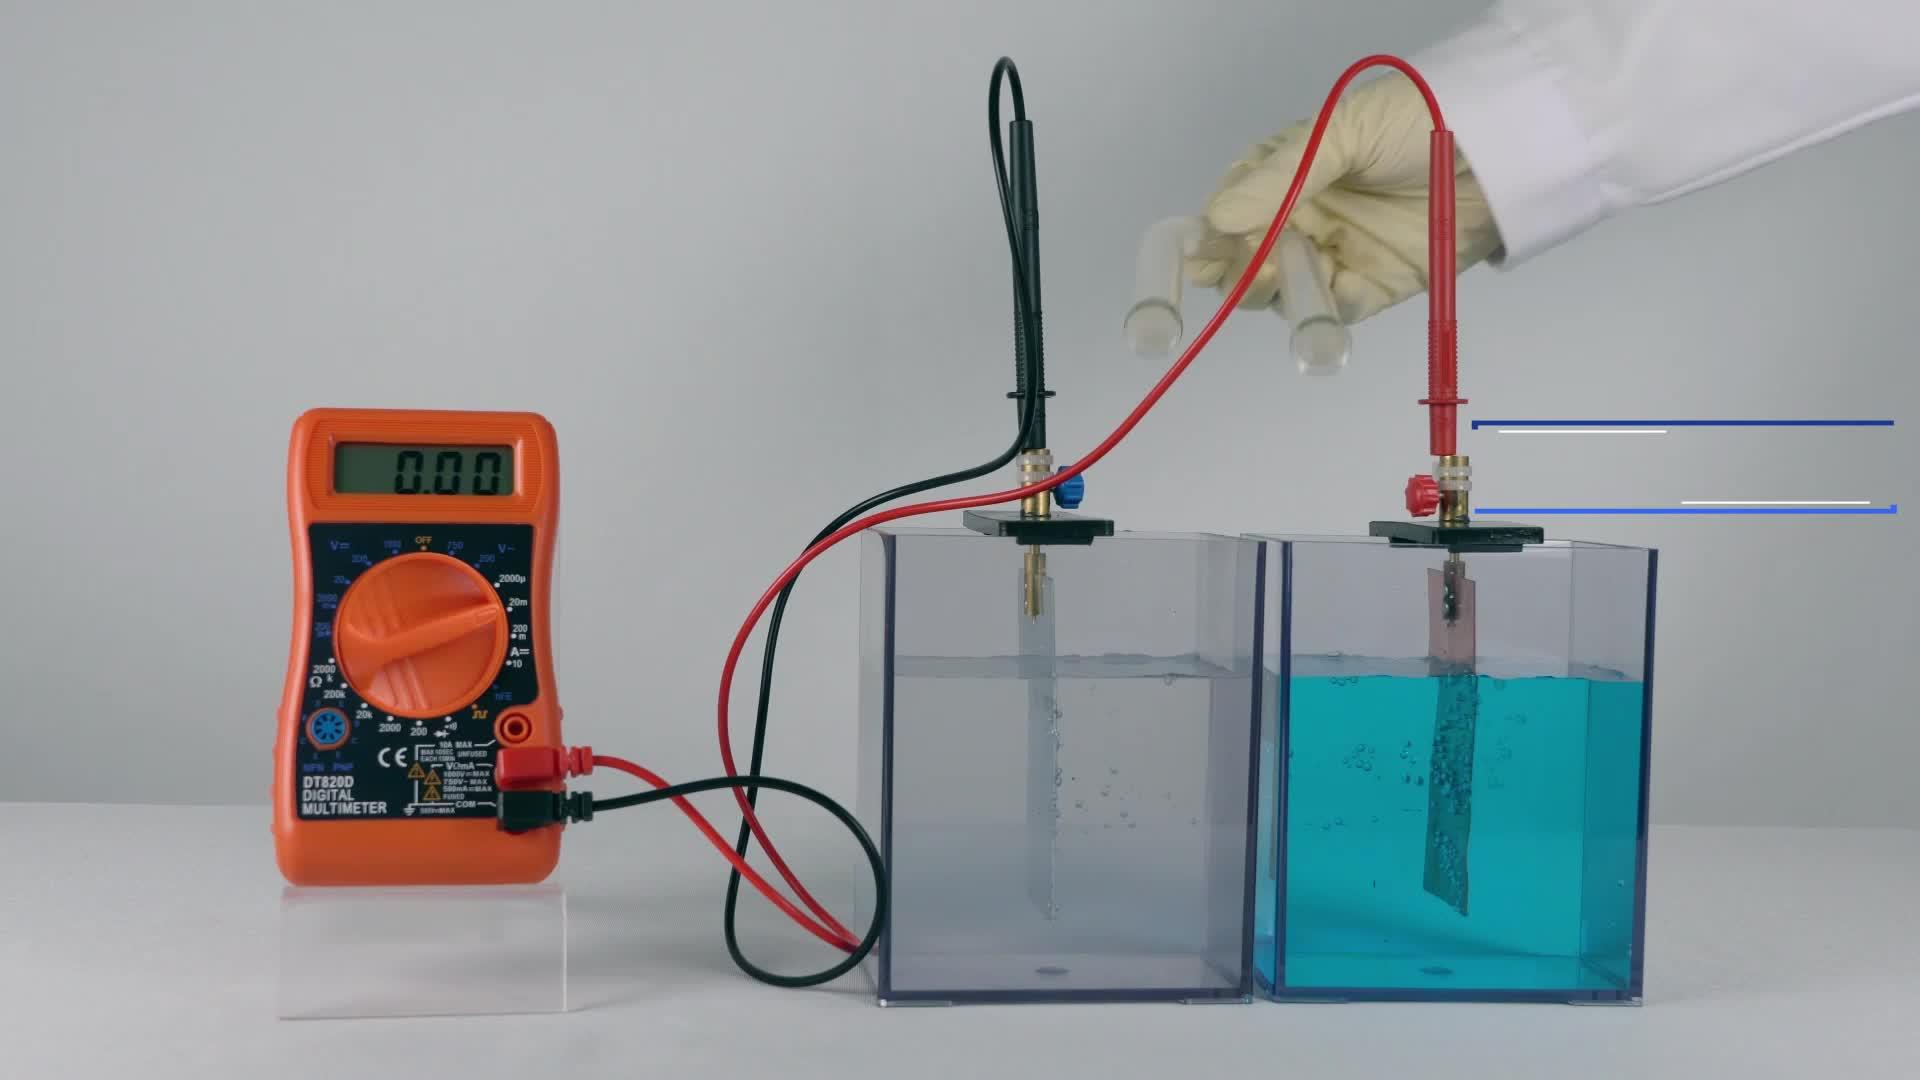 2.2 锌铜双液原电池-【火花学院】人教版必修二高二化学 第二章 化学反应与能量 第二节 化学能与电能 [来自e网通客户端]